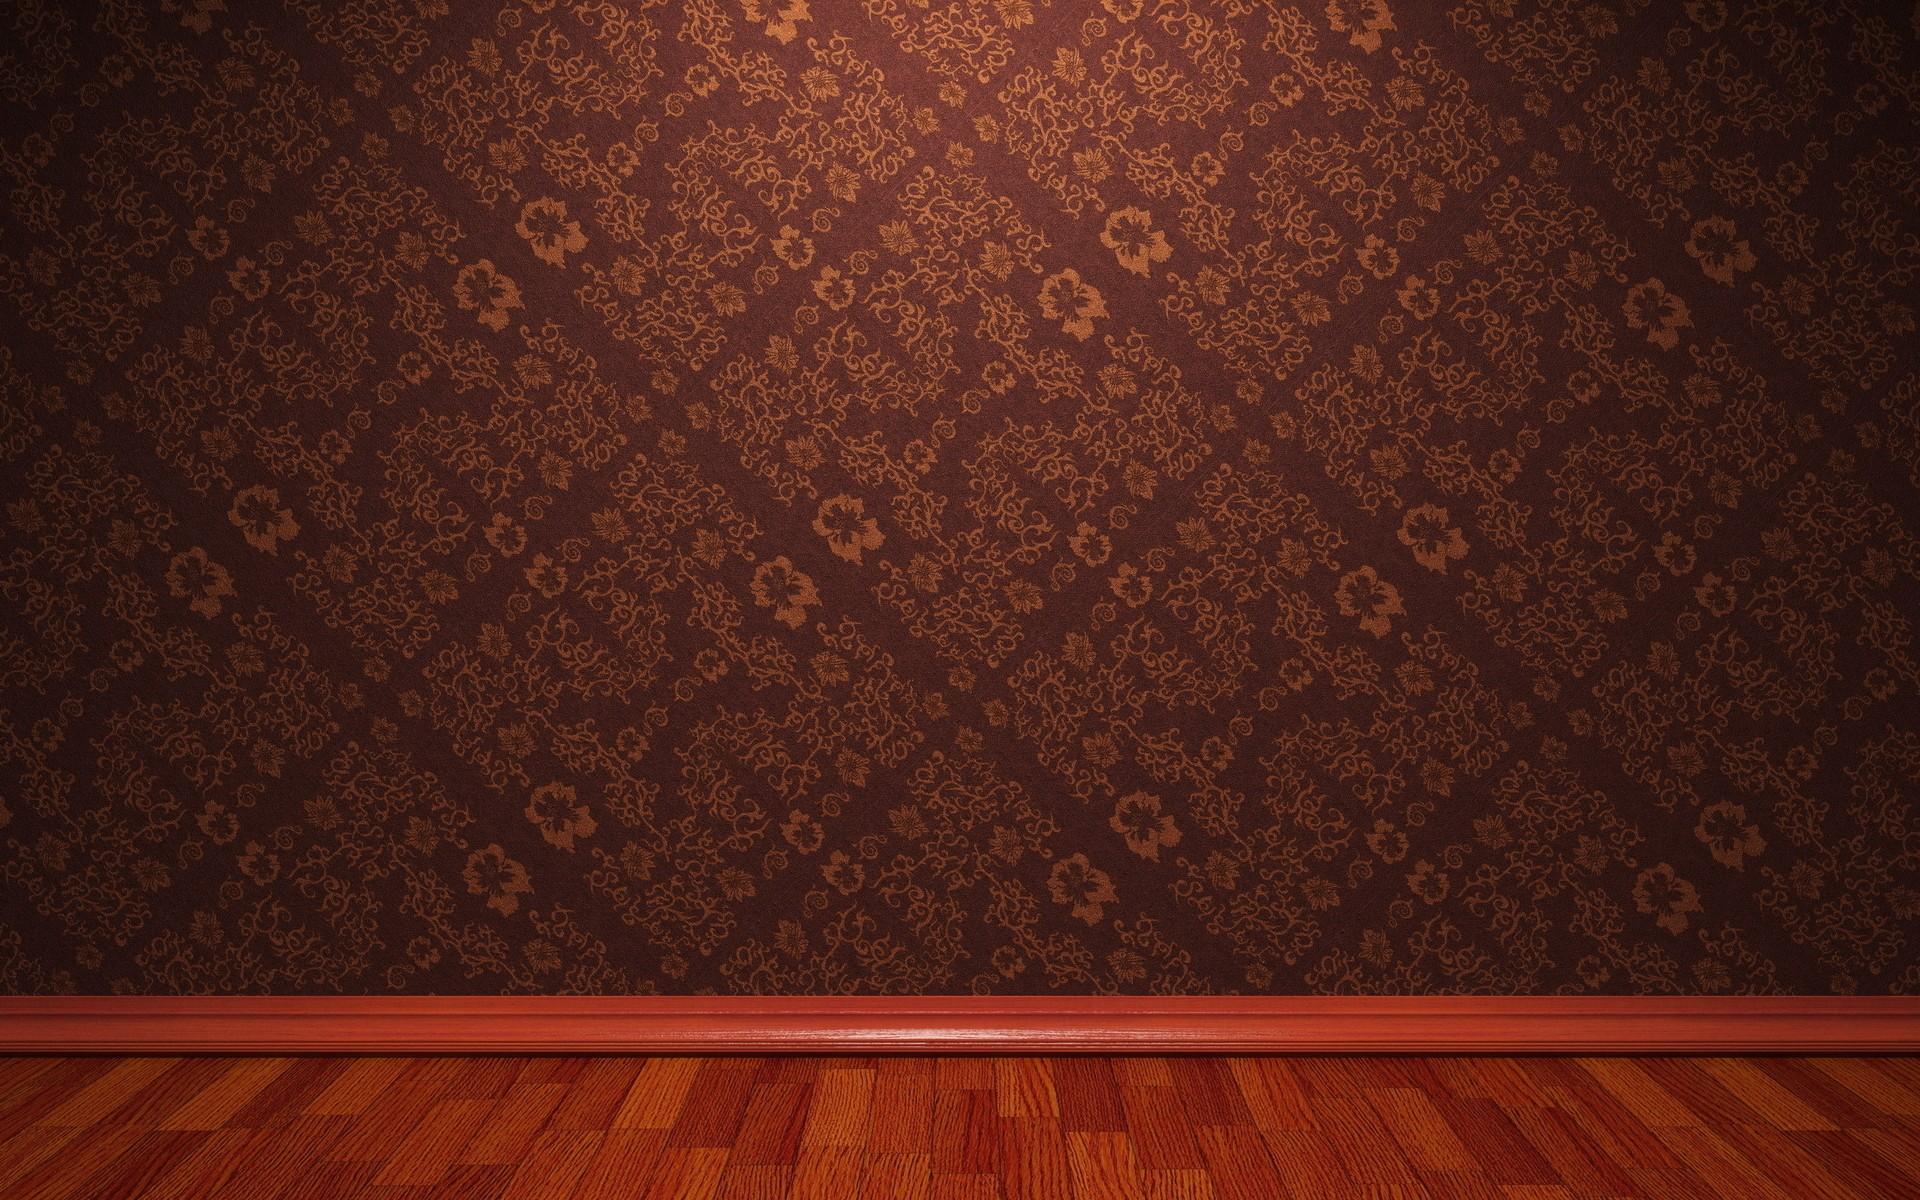 Floor 3d view room wallpaper background 1920x1200